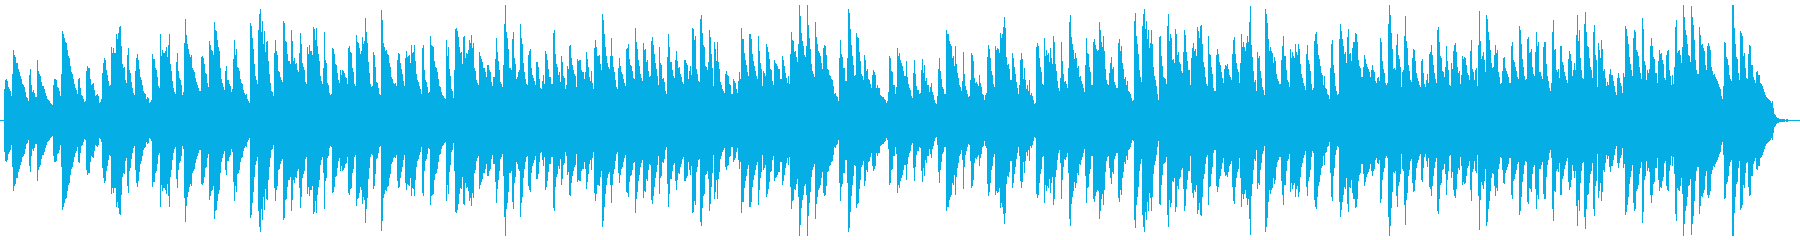 クラシカルな雰囲気のピアノアンサンブルの再生済みの波形